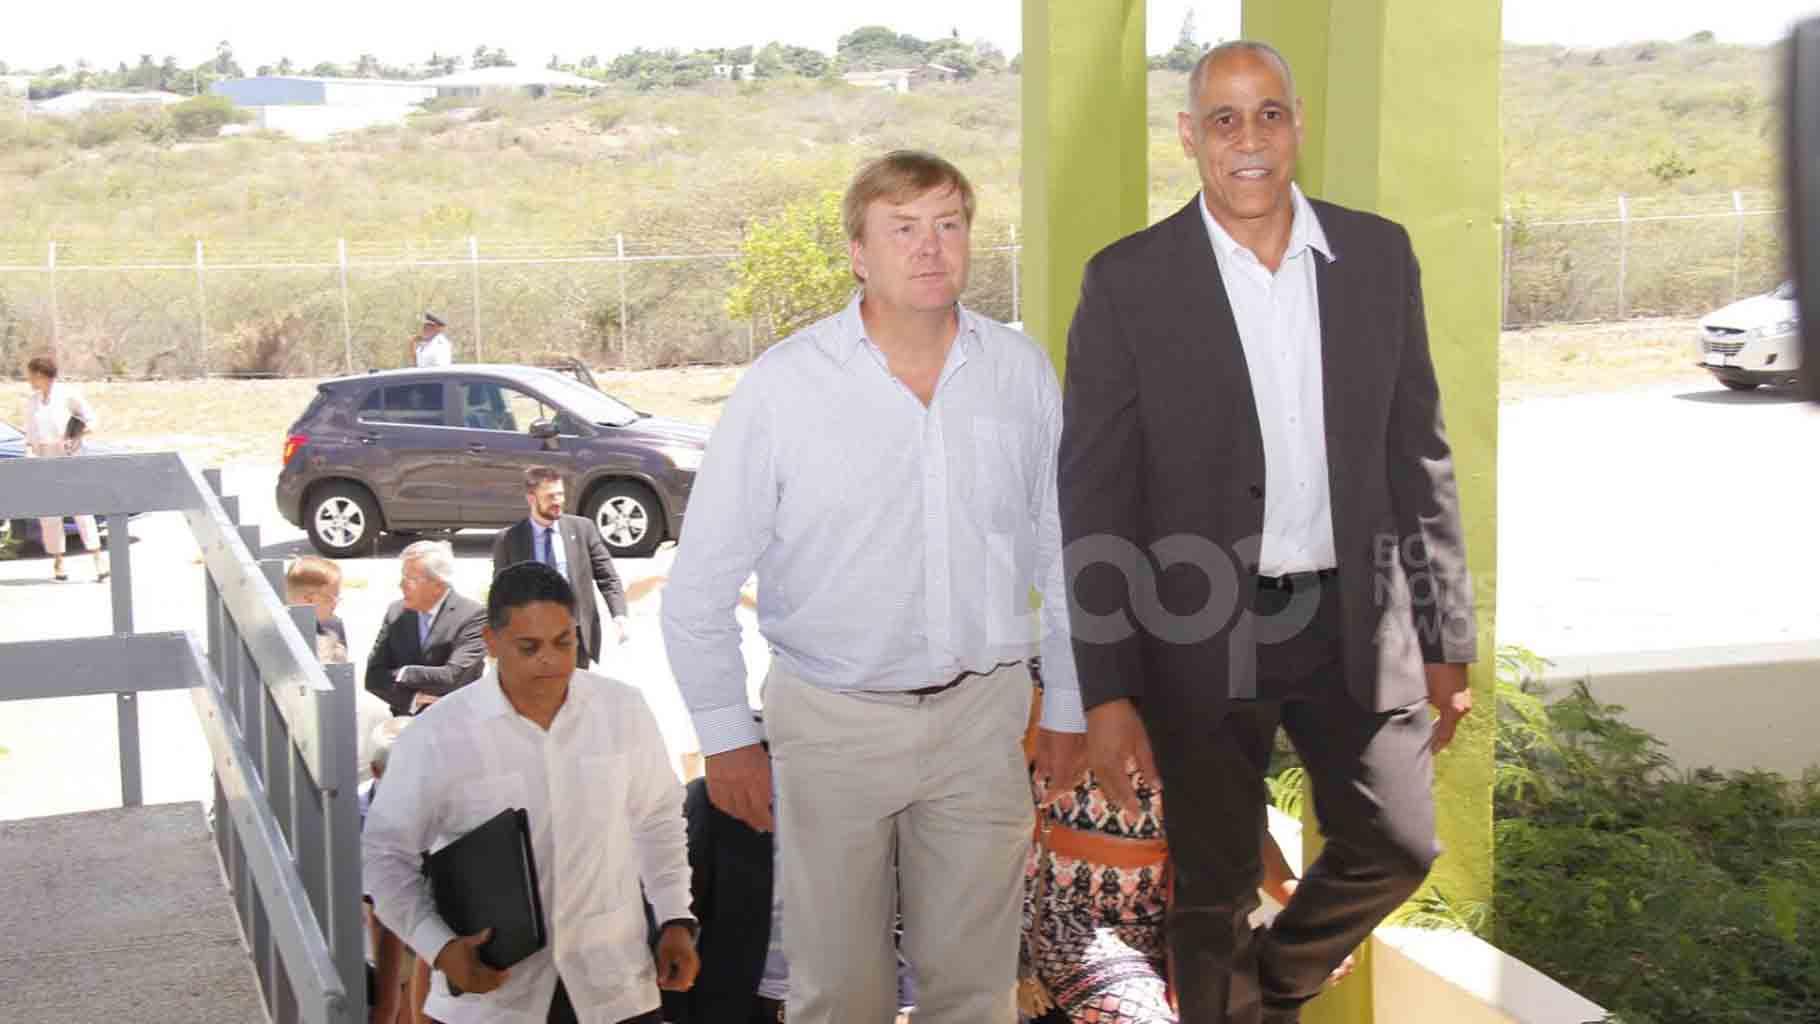 Koning Willem-Alexander vertrekt vandaag naar Sint-Maarten, Sint-Eustatius en Saba om daar de gevolgen van orkaan Irma met eigen ogen te aanschouwen.